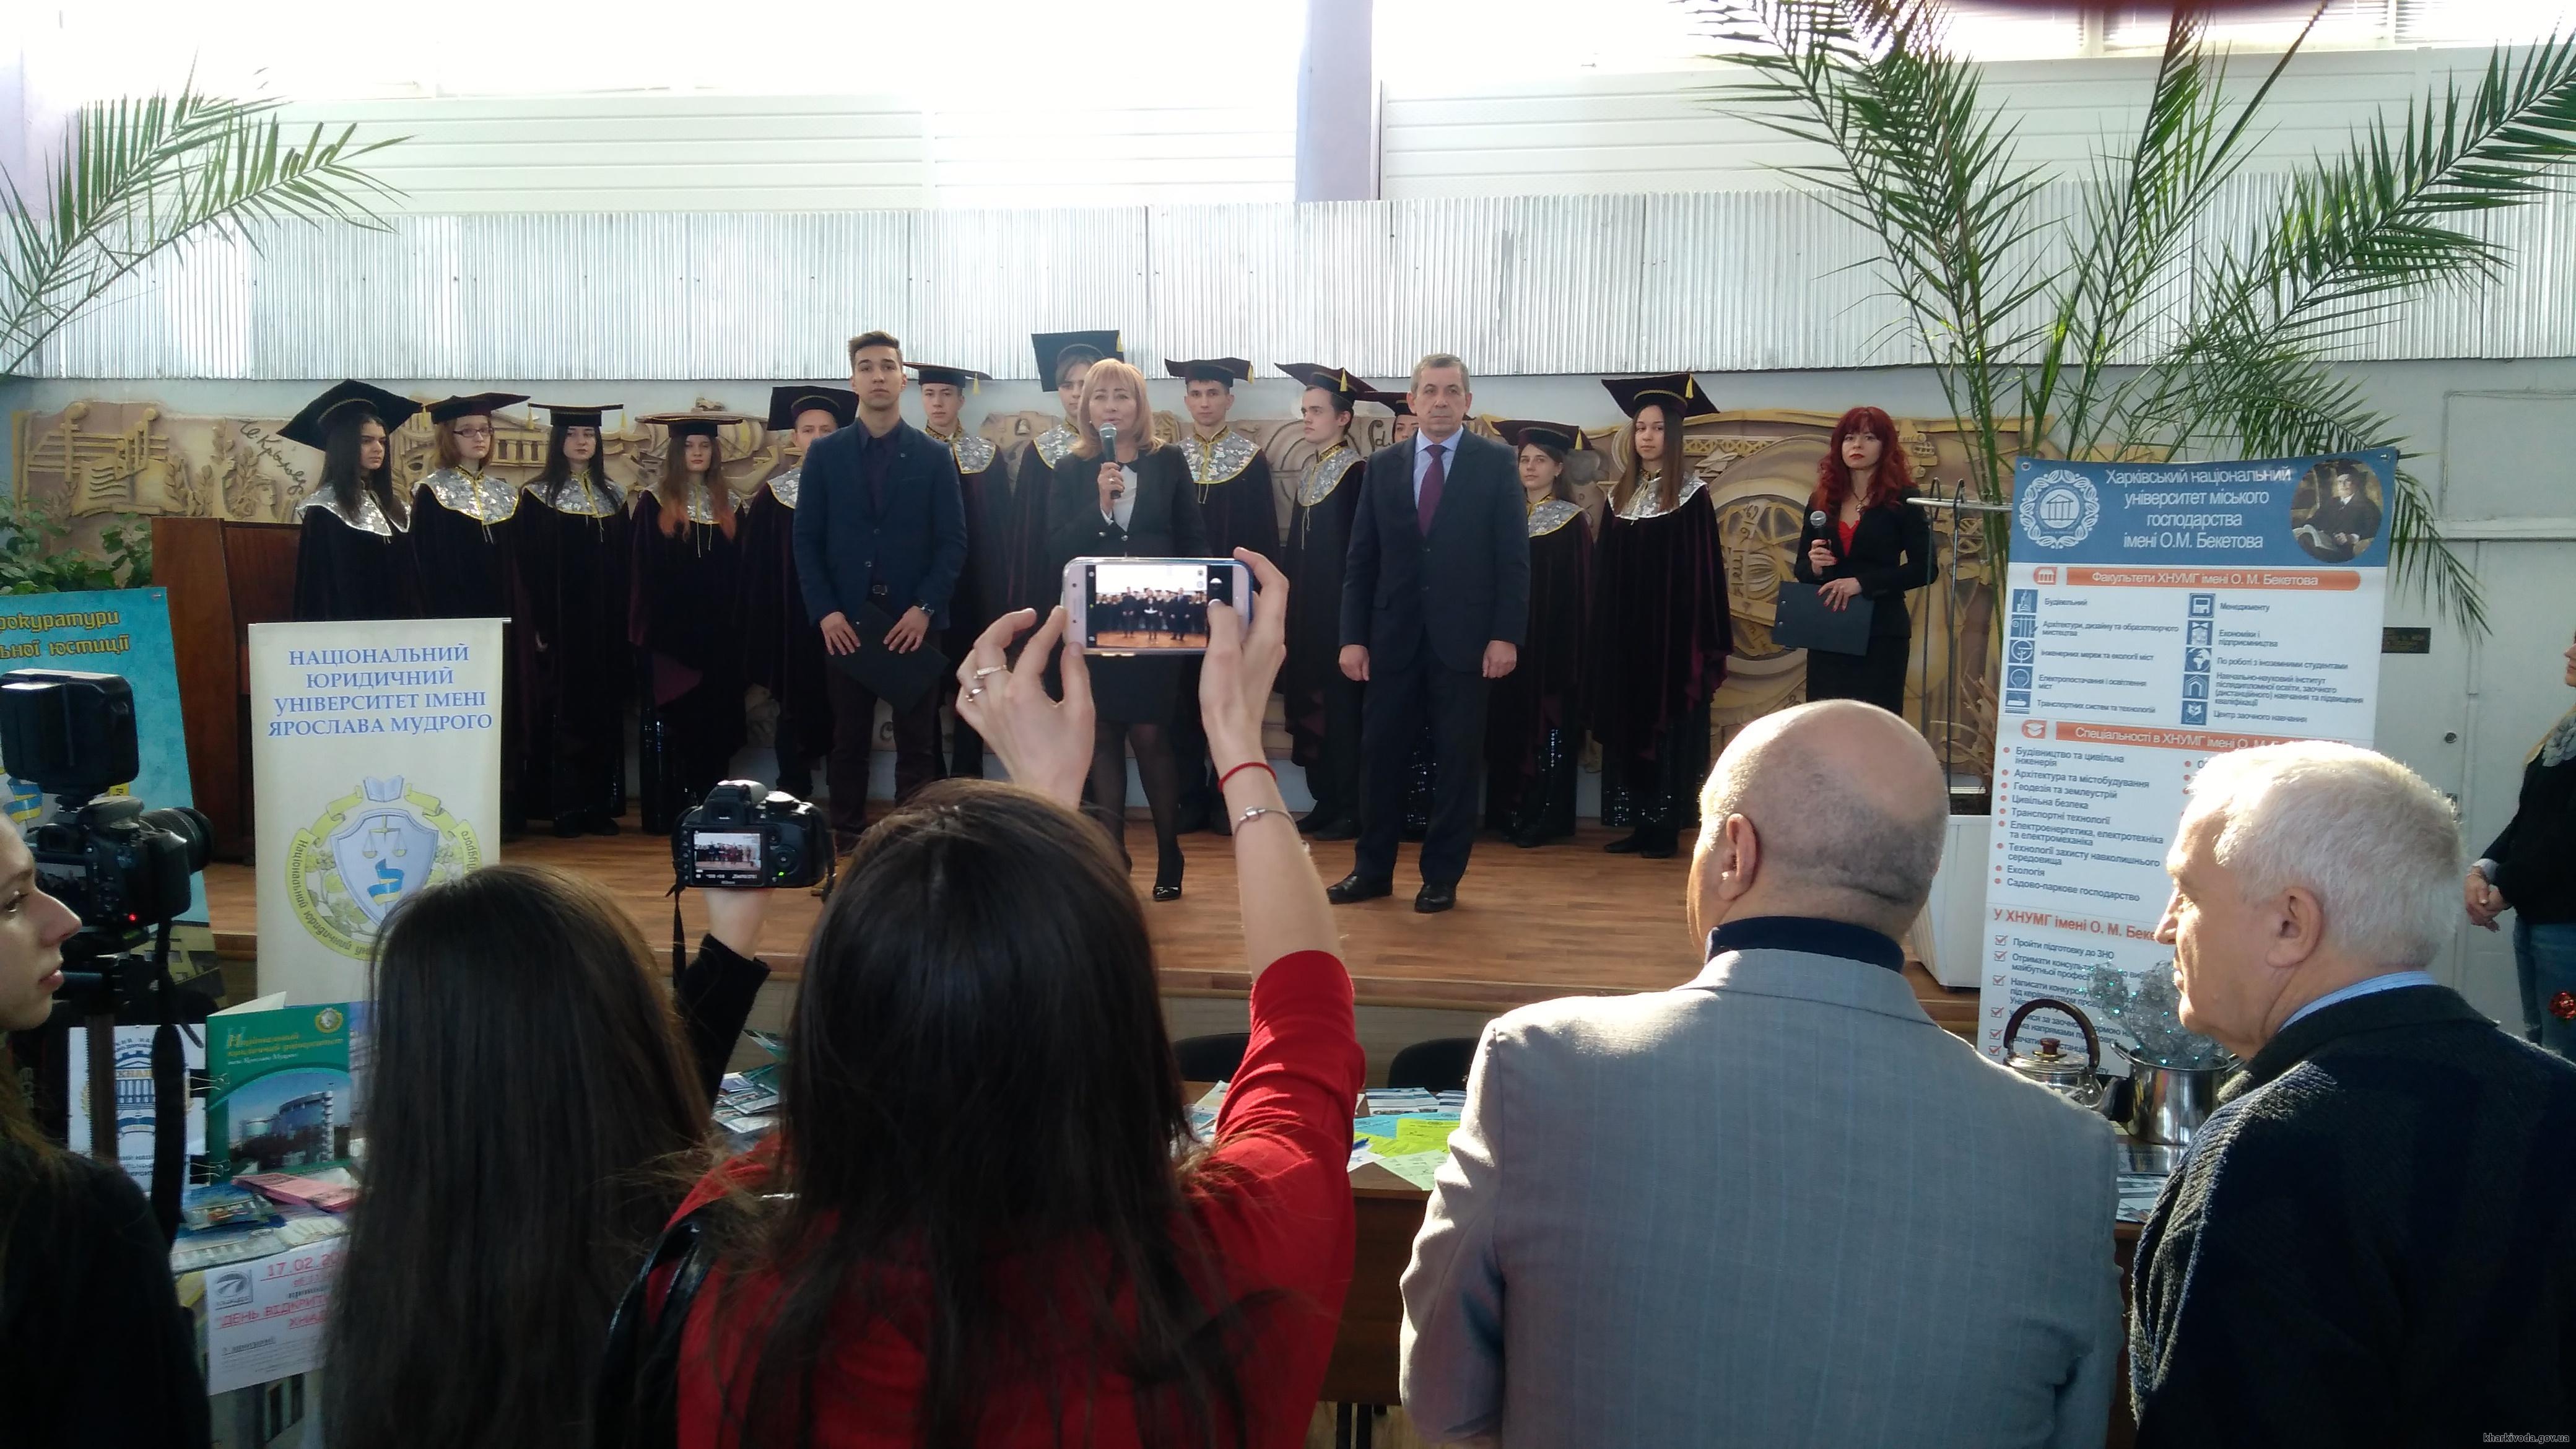 В областной библиотеке для юношества прошла «Ярмарка вузов» (ФОТО)